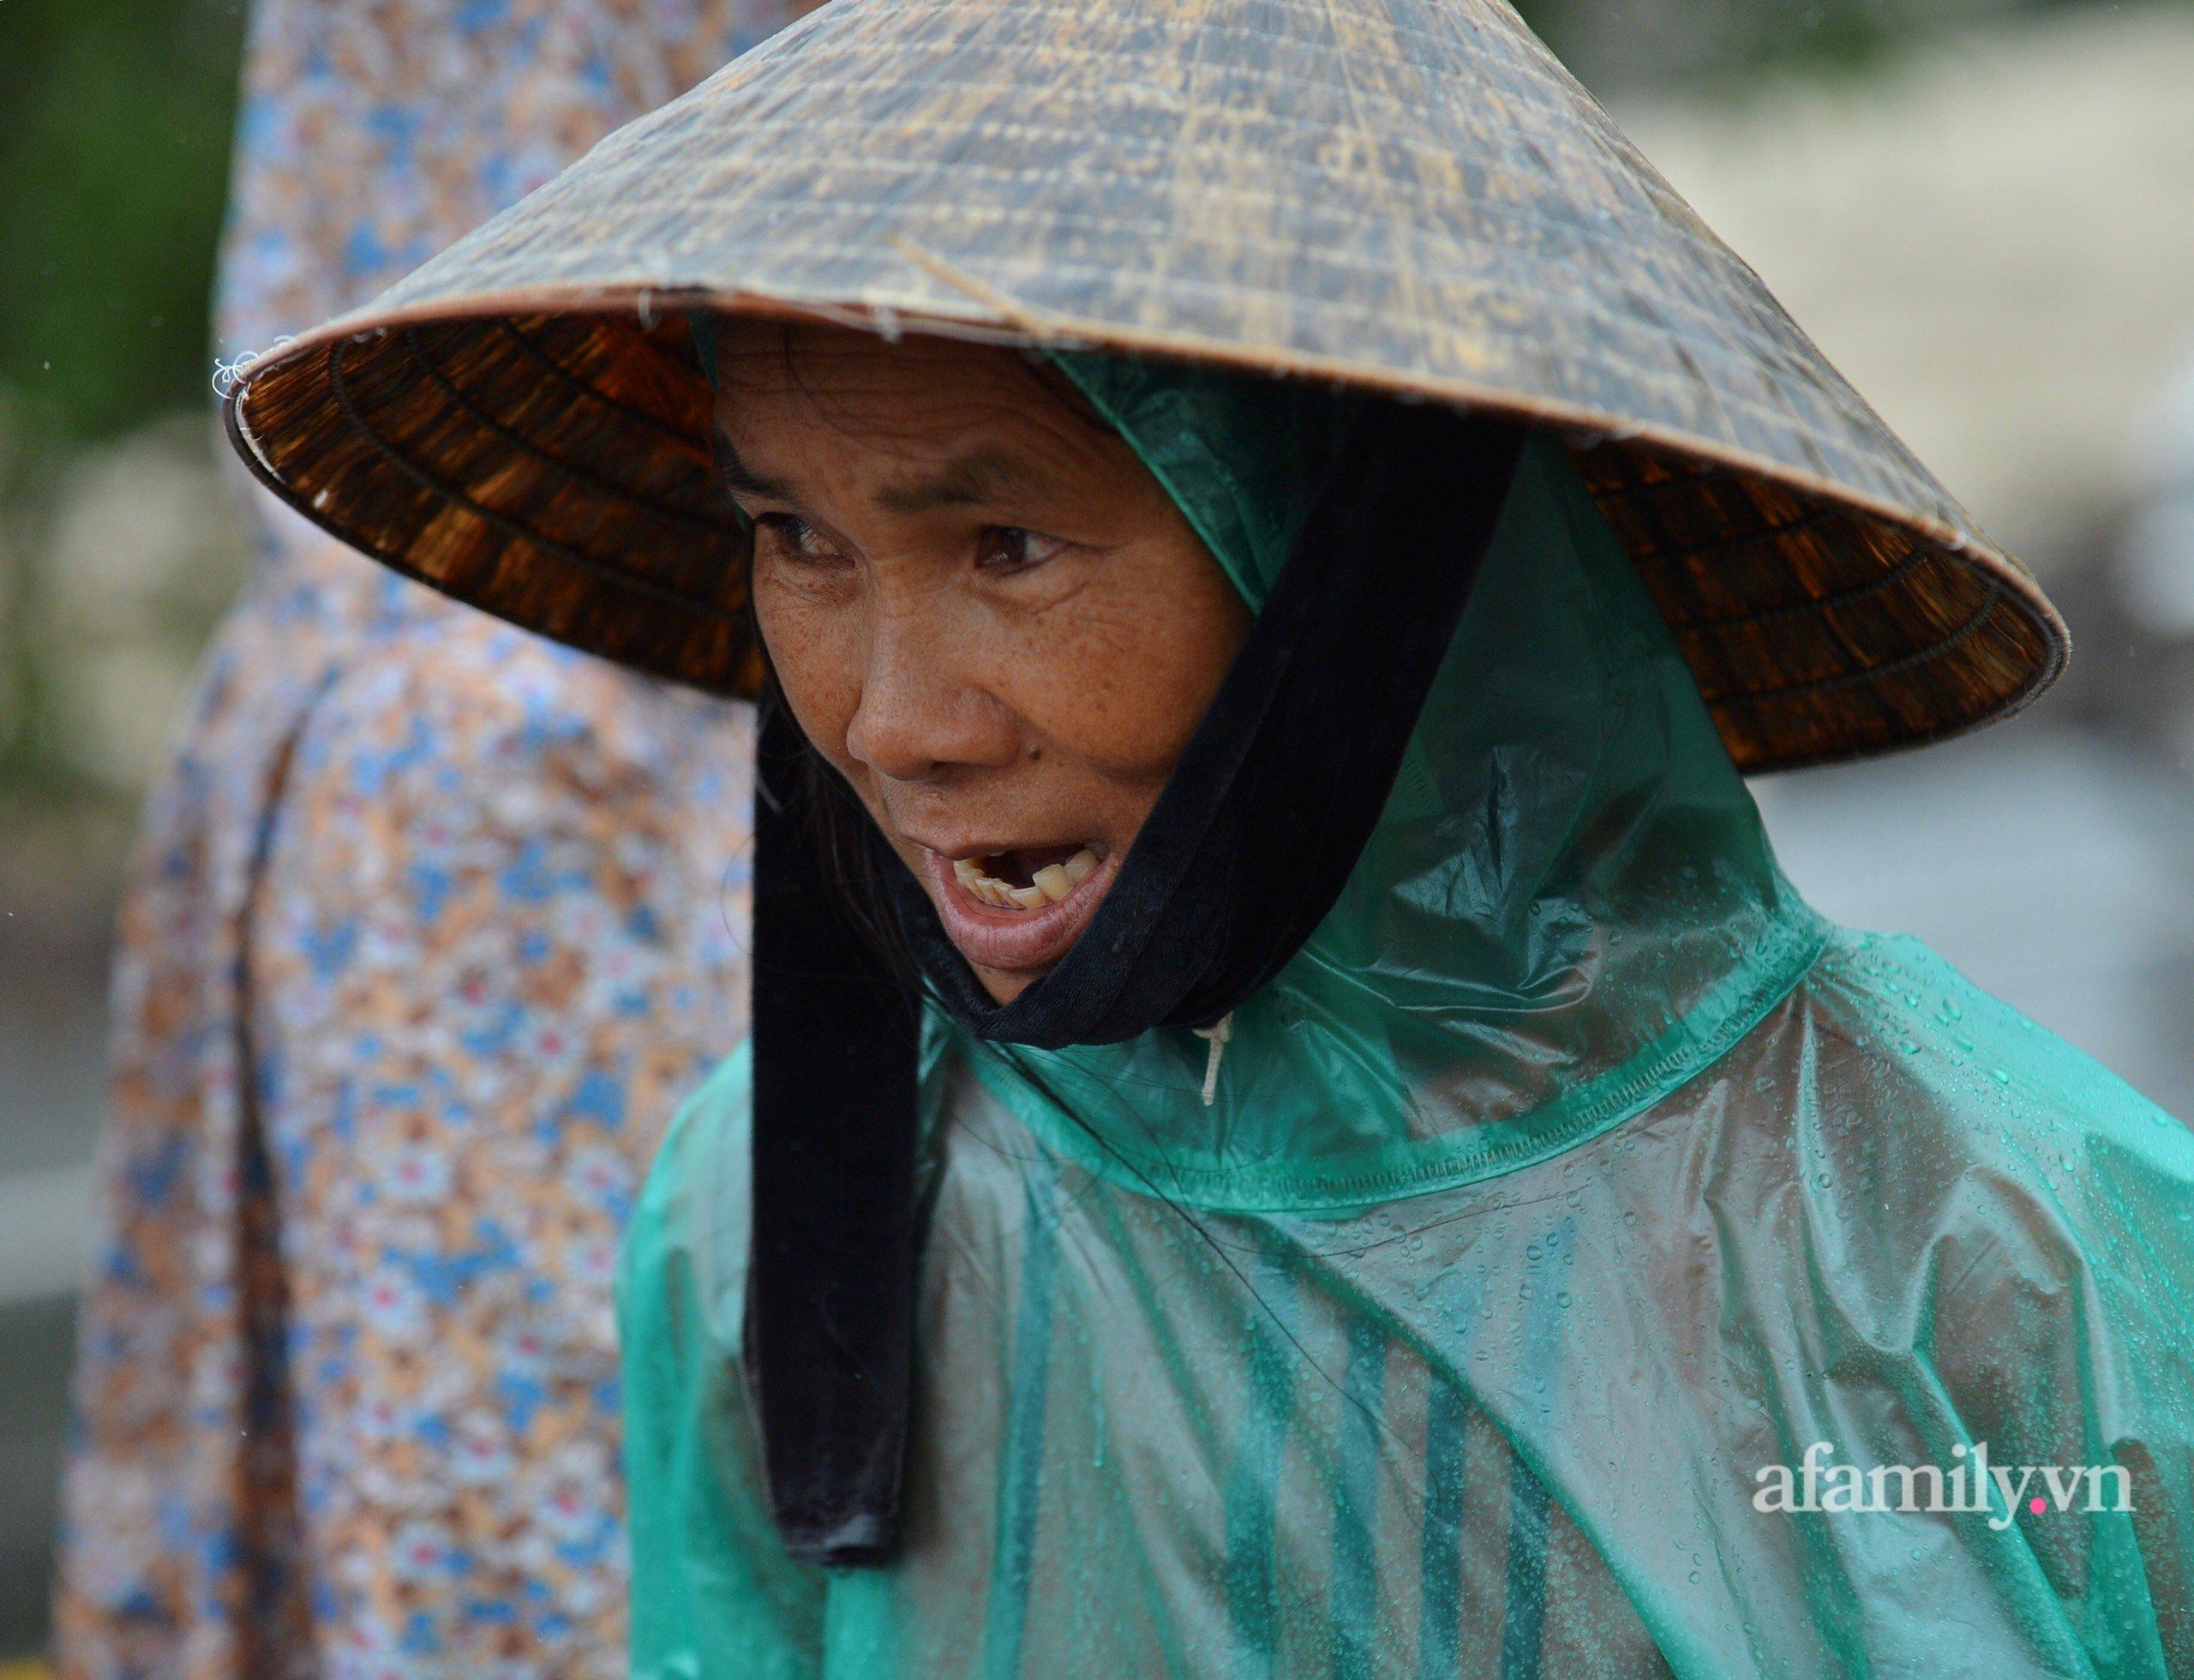 Quảng Bình: Nhà ngập sâu trong trận lũ lịch sử, người lớn, trẻ nhỏ đội mưa vượt hơn 1km băng đồi cát ra quốc lộ xin cứu trợ 10